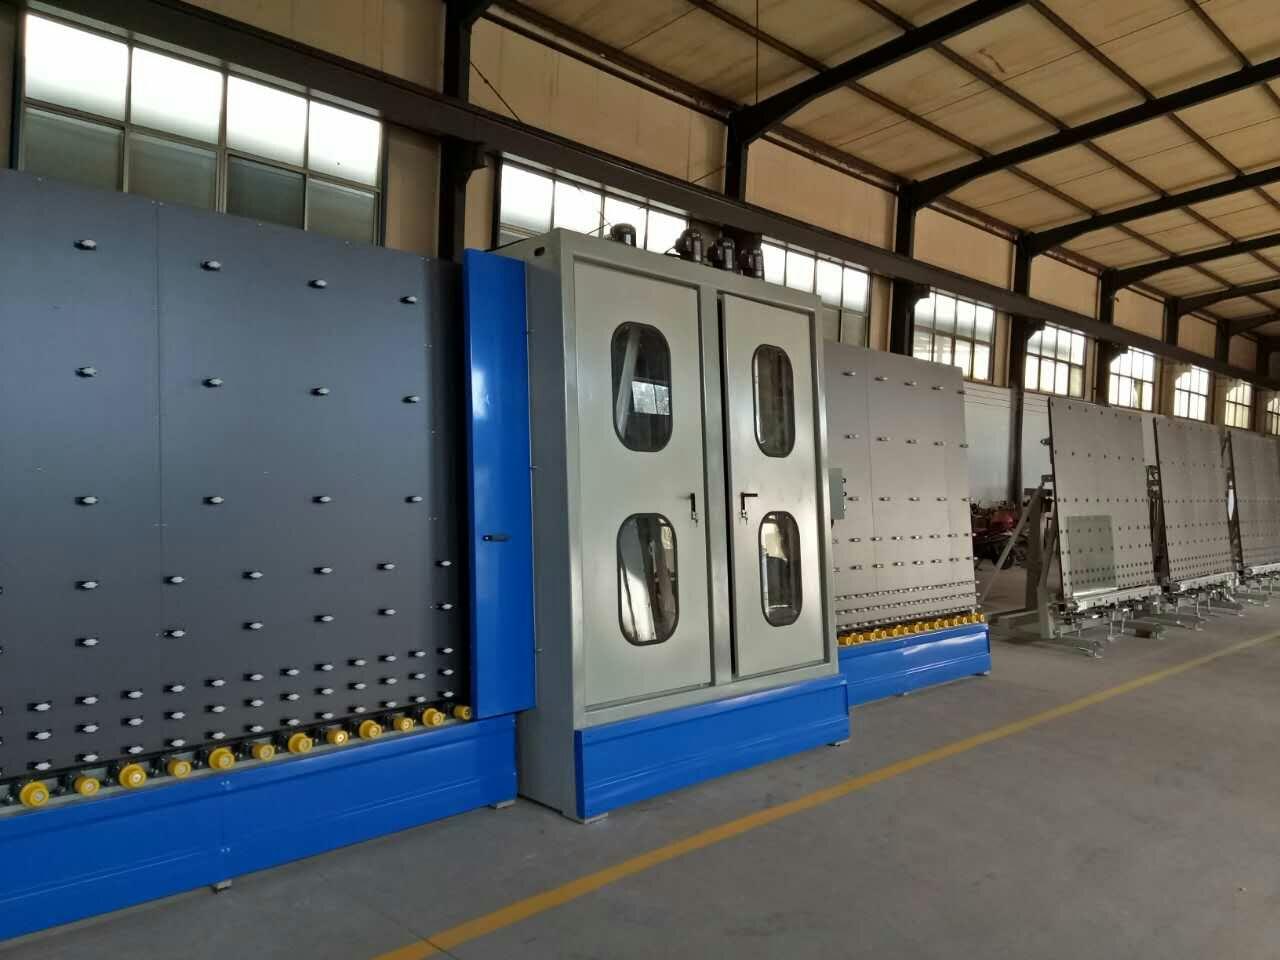 中空玻璃设备、中空玻璃设备厂家批发价格、中空玻璃设备供应商报价、中空玻璃设备生产线